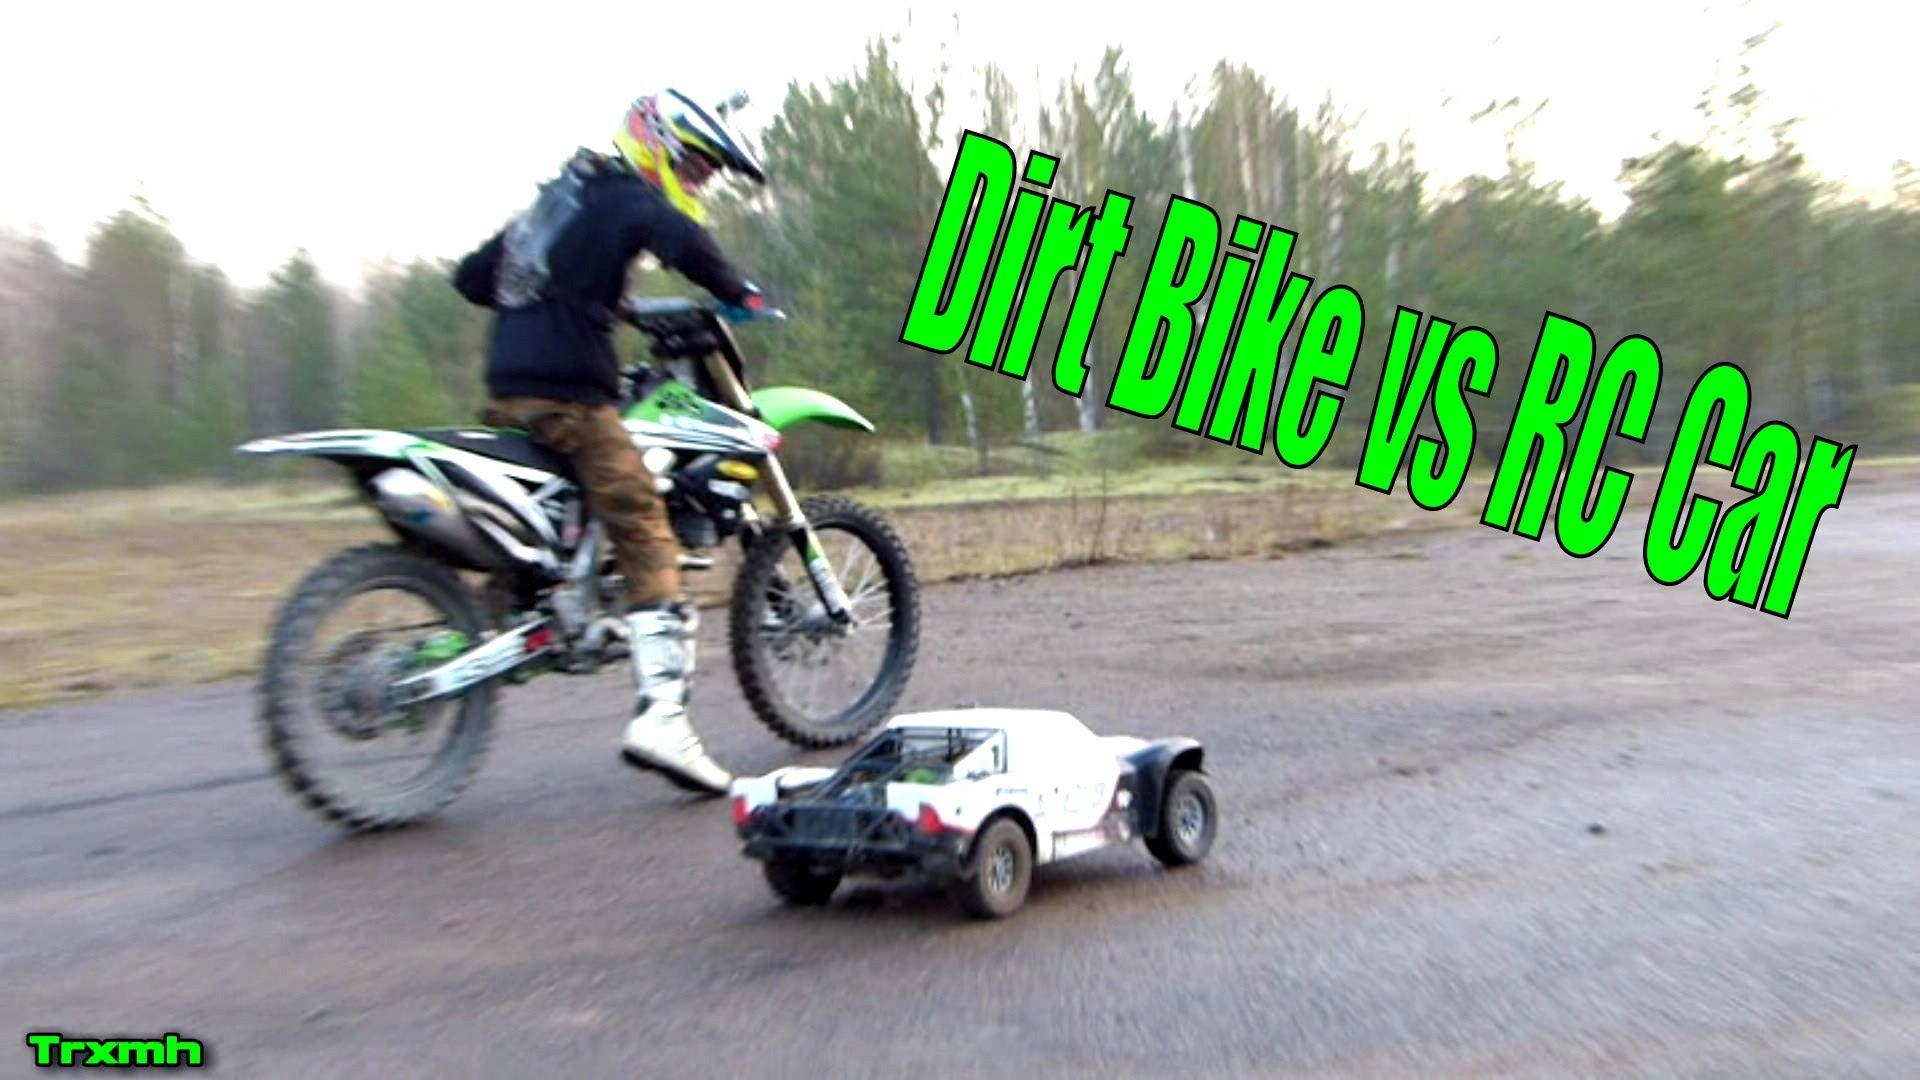 Dirt Bike Vs Rc Car With Images Dirt Bike Dirt Bikes Rc Cars